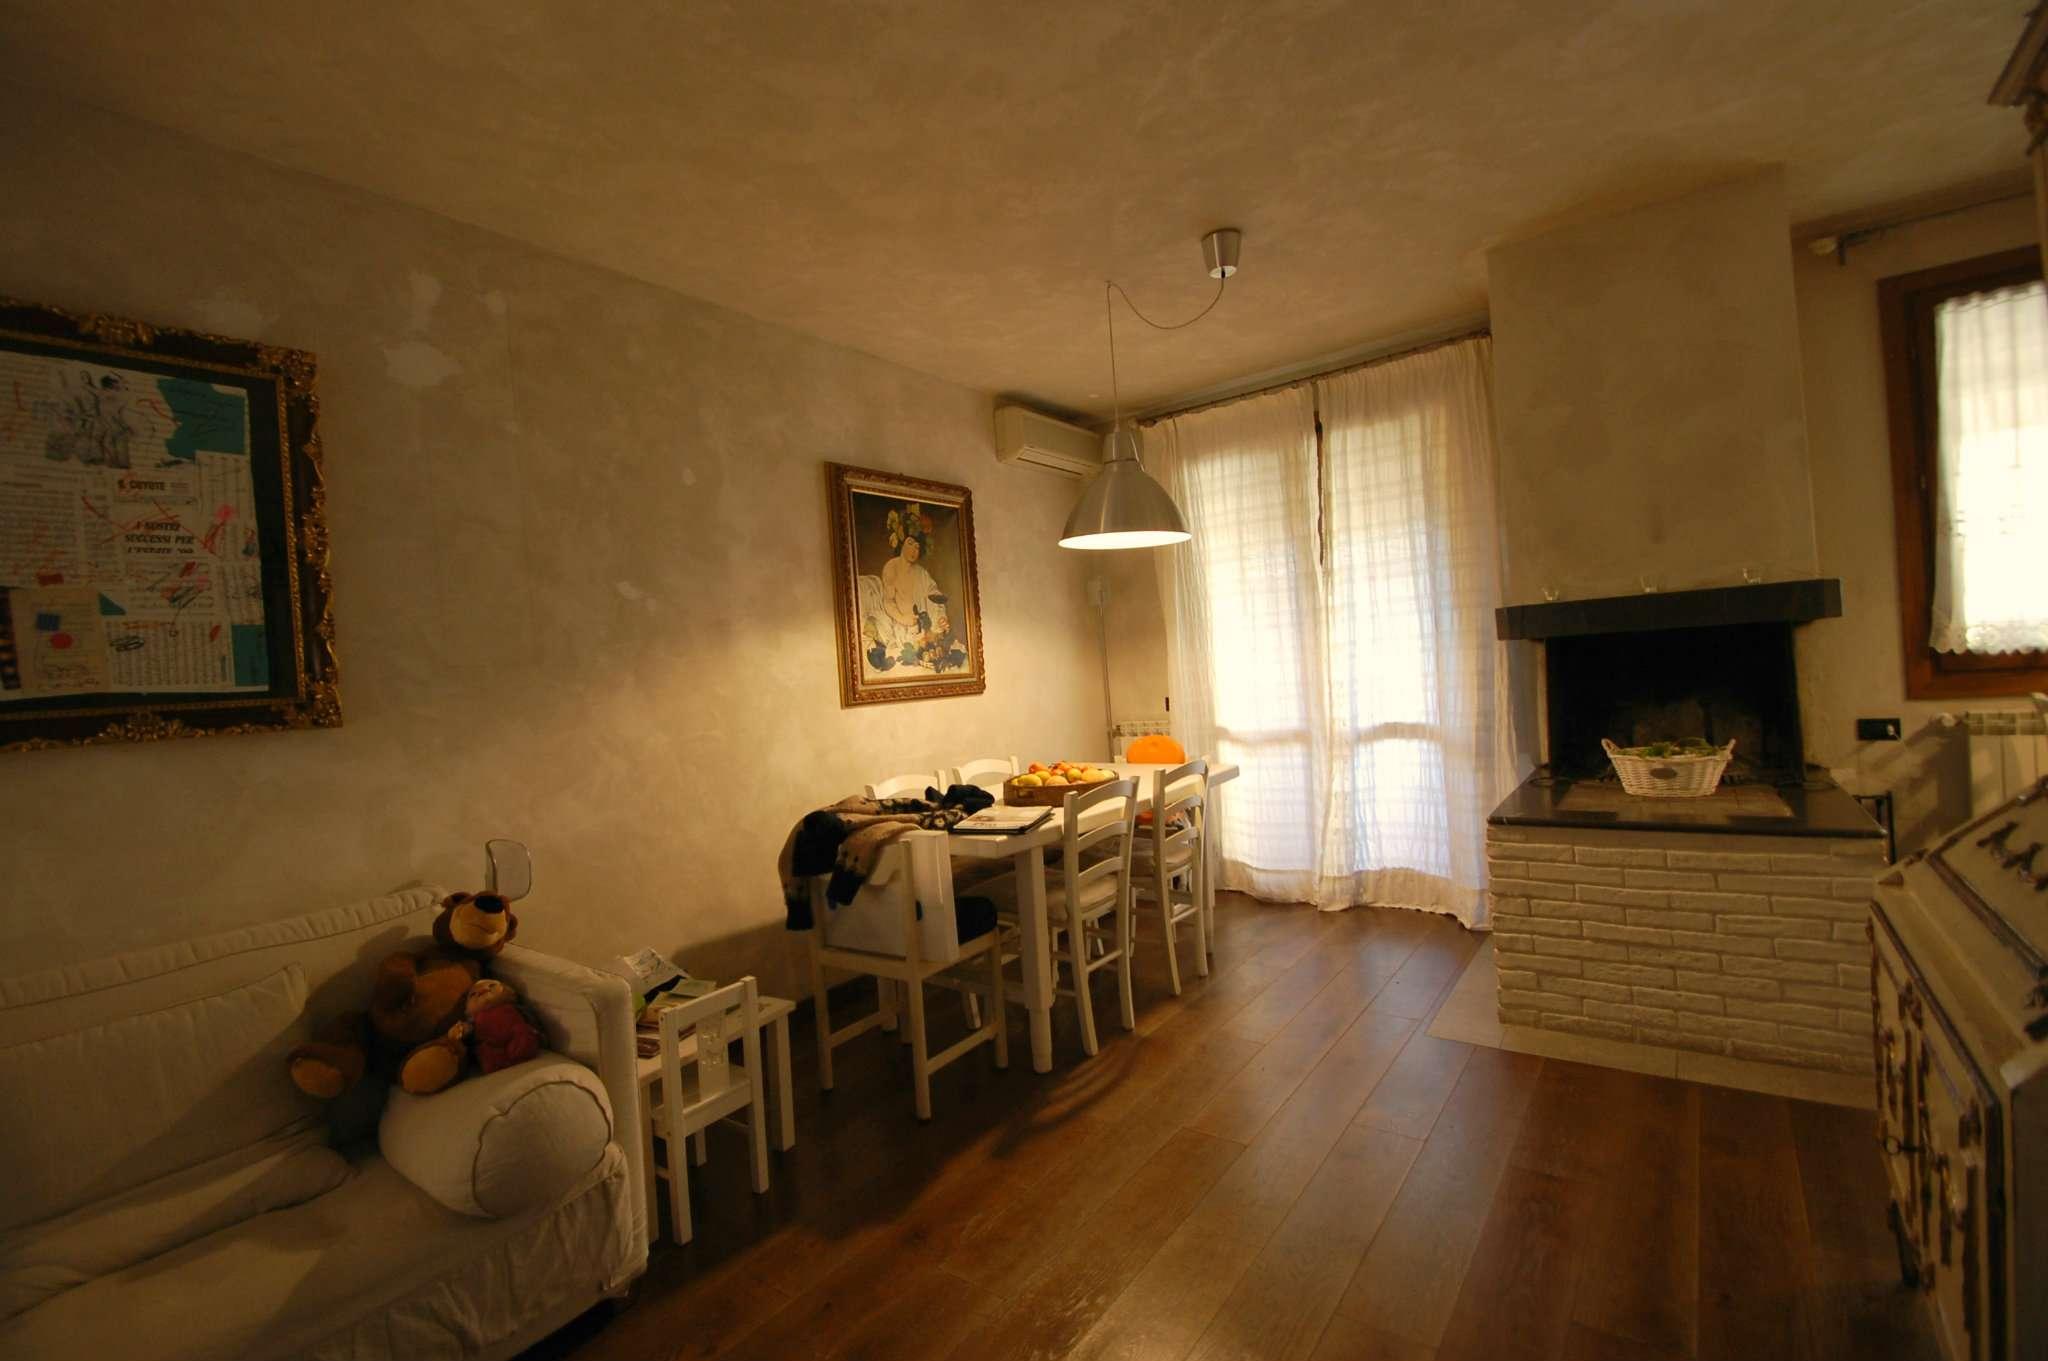 Palazzo / Stabile in vendita a Prato, 4 locali, prezzo € 325.000 | Cambio Casa.it